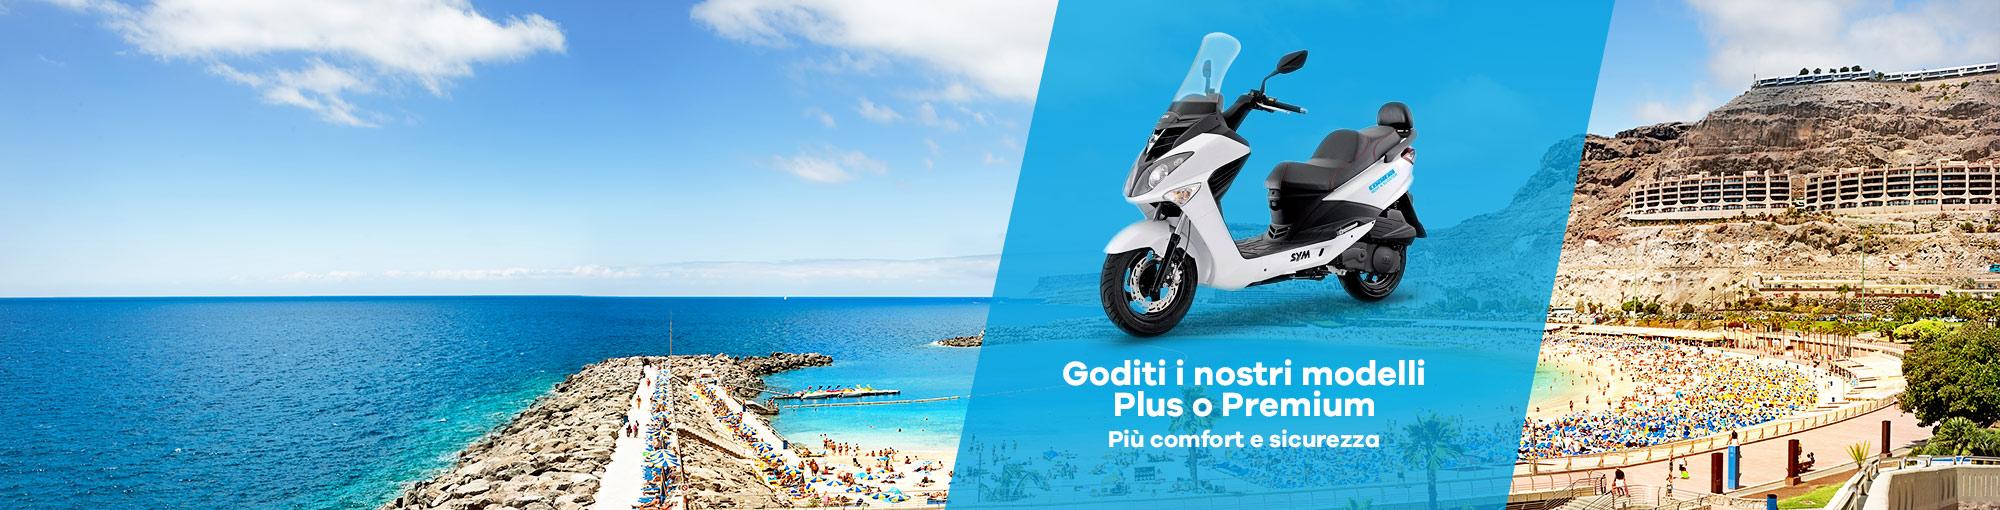 noleggio moto plus e premium